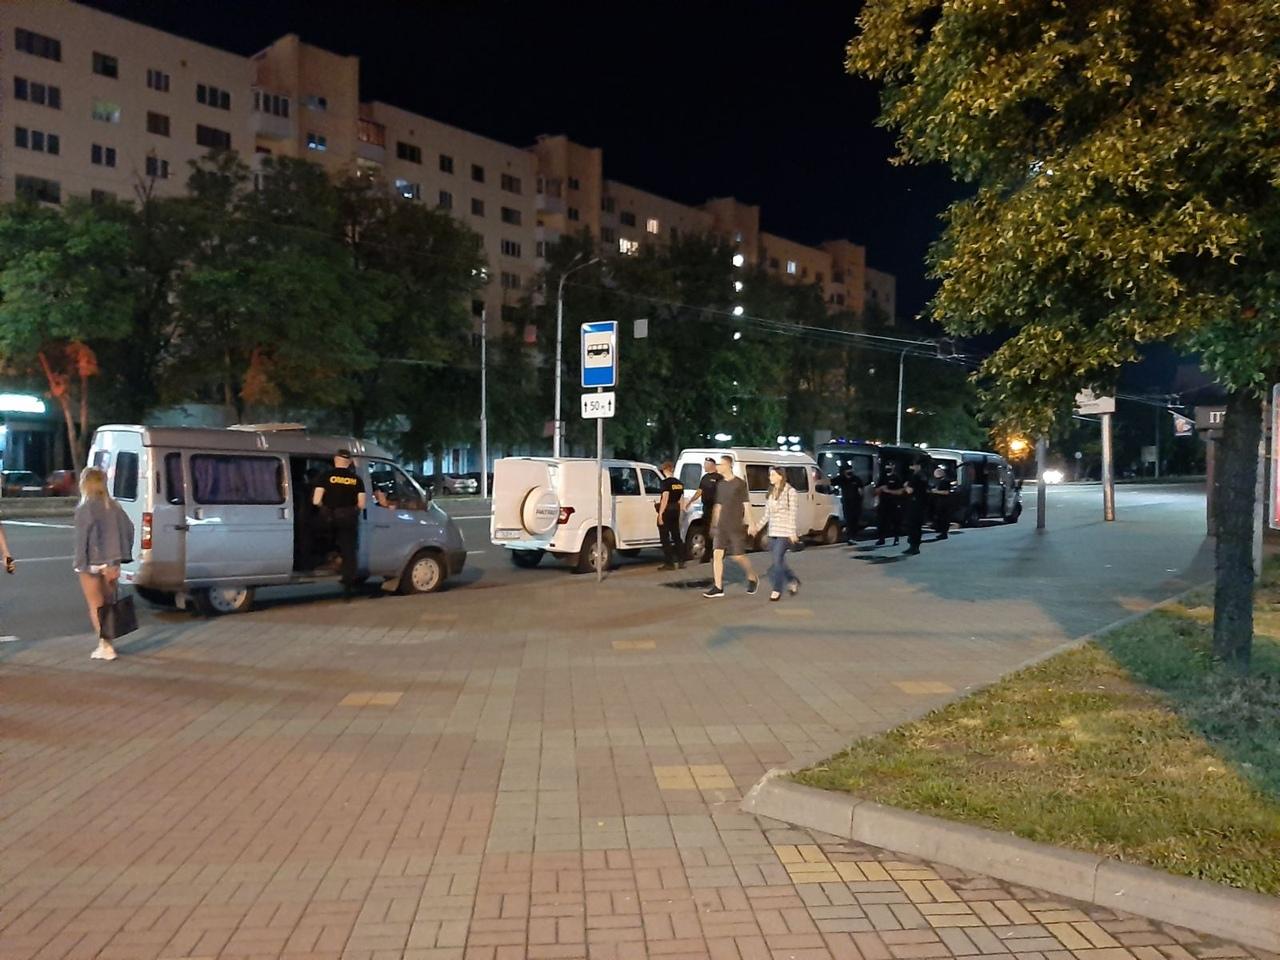 Комендантский час ввели? ОМОН забирал людей в Бресте на остановке общественного транспорта